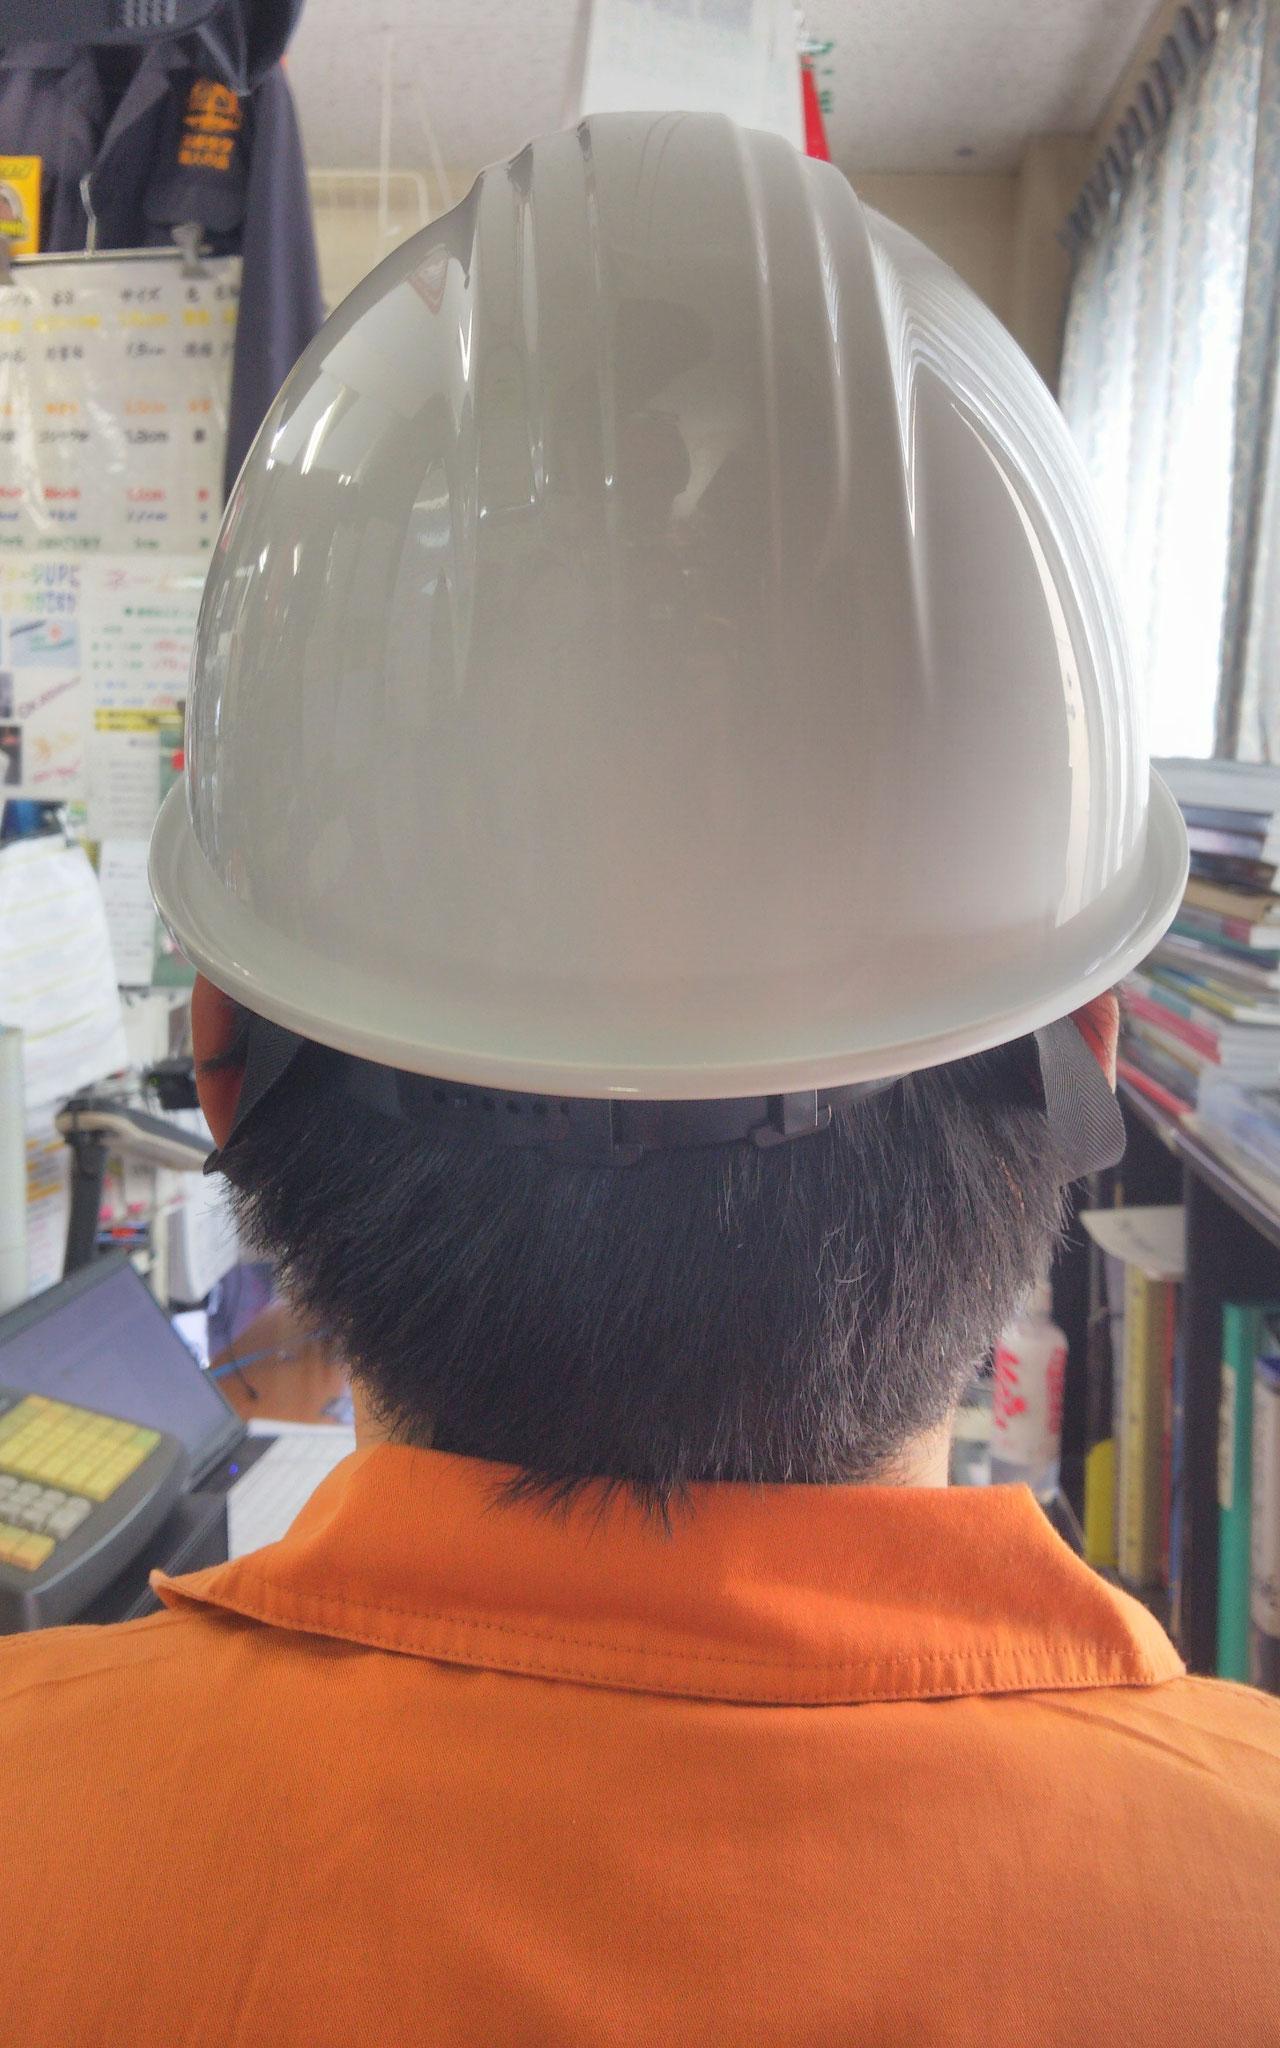 KAGAヘルメット アメリカン型BS-1Pライナー入¥1,595(税込)後ろ